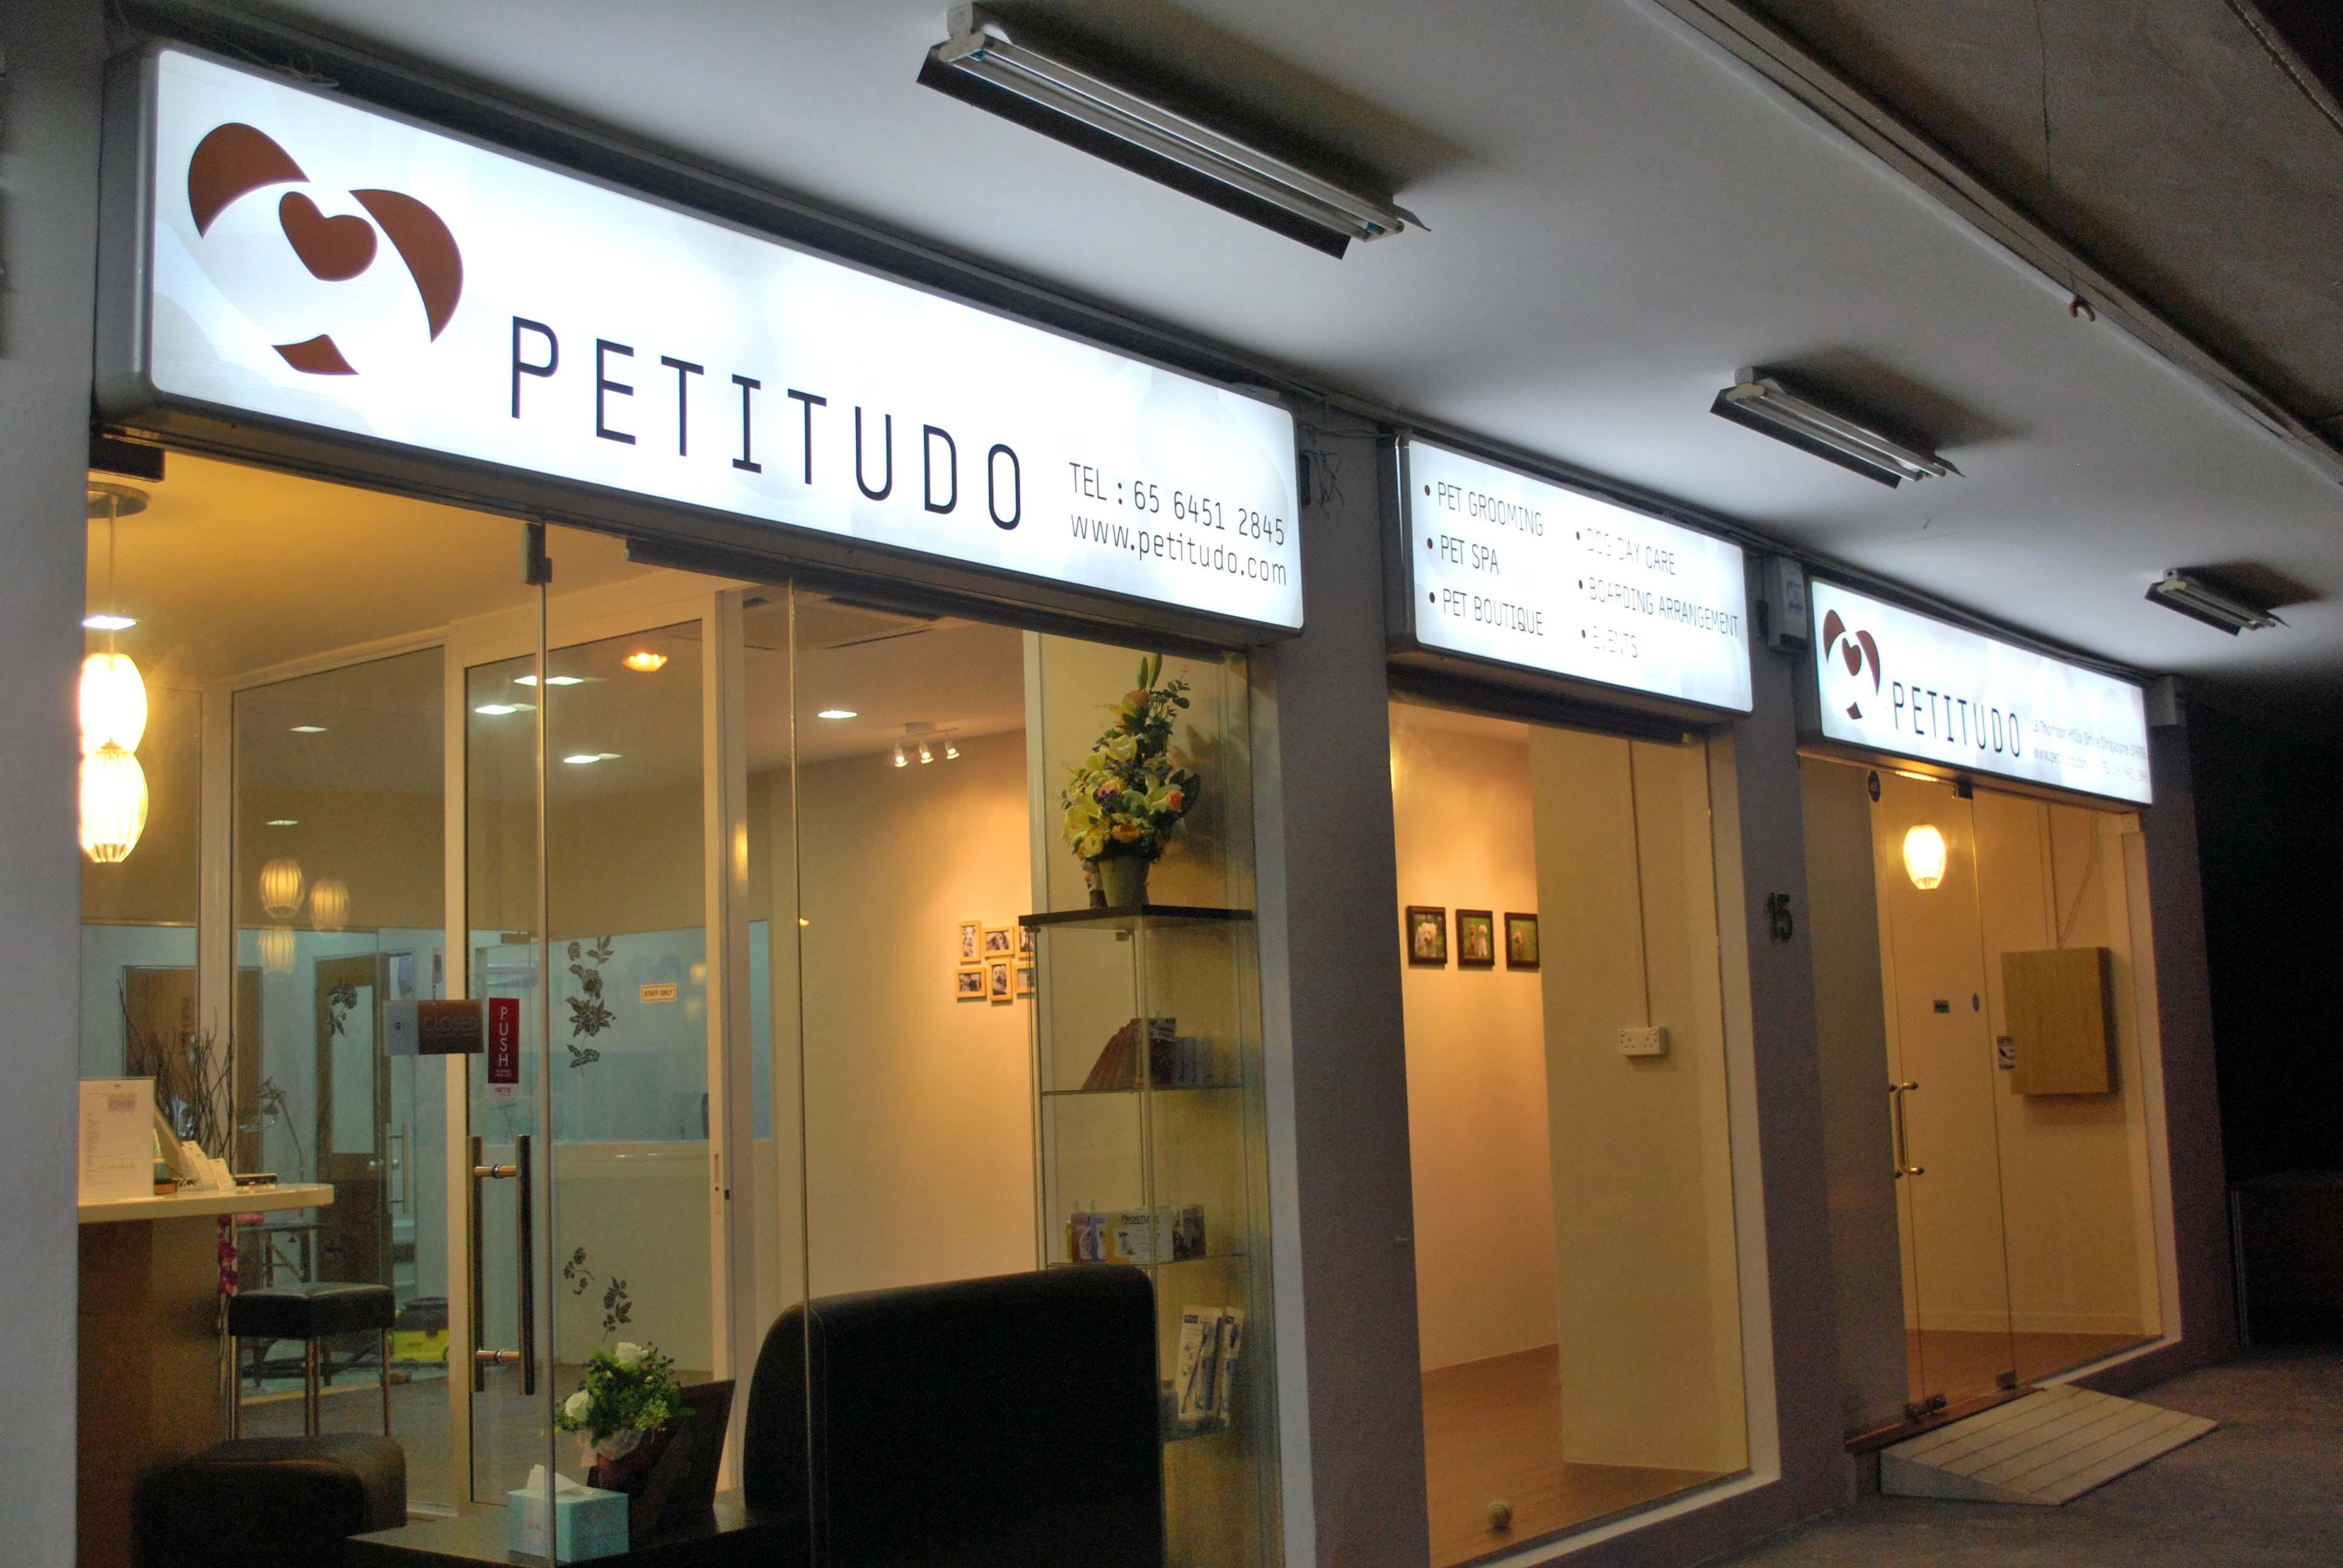 Front Room Ideas Petitudo Pet Shop